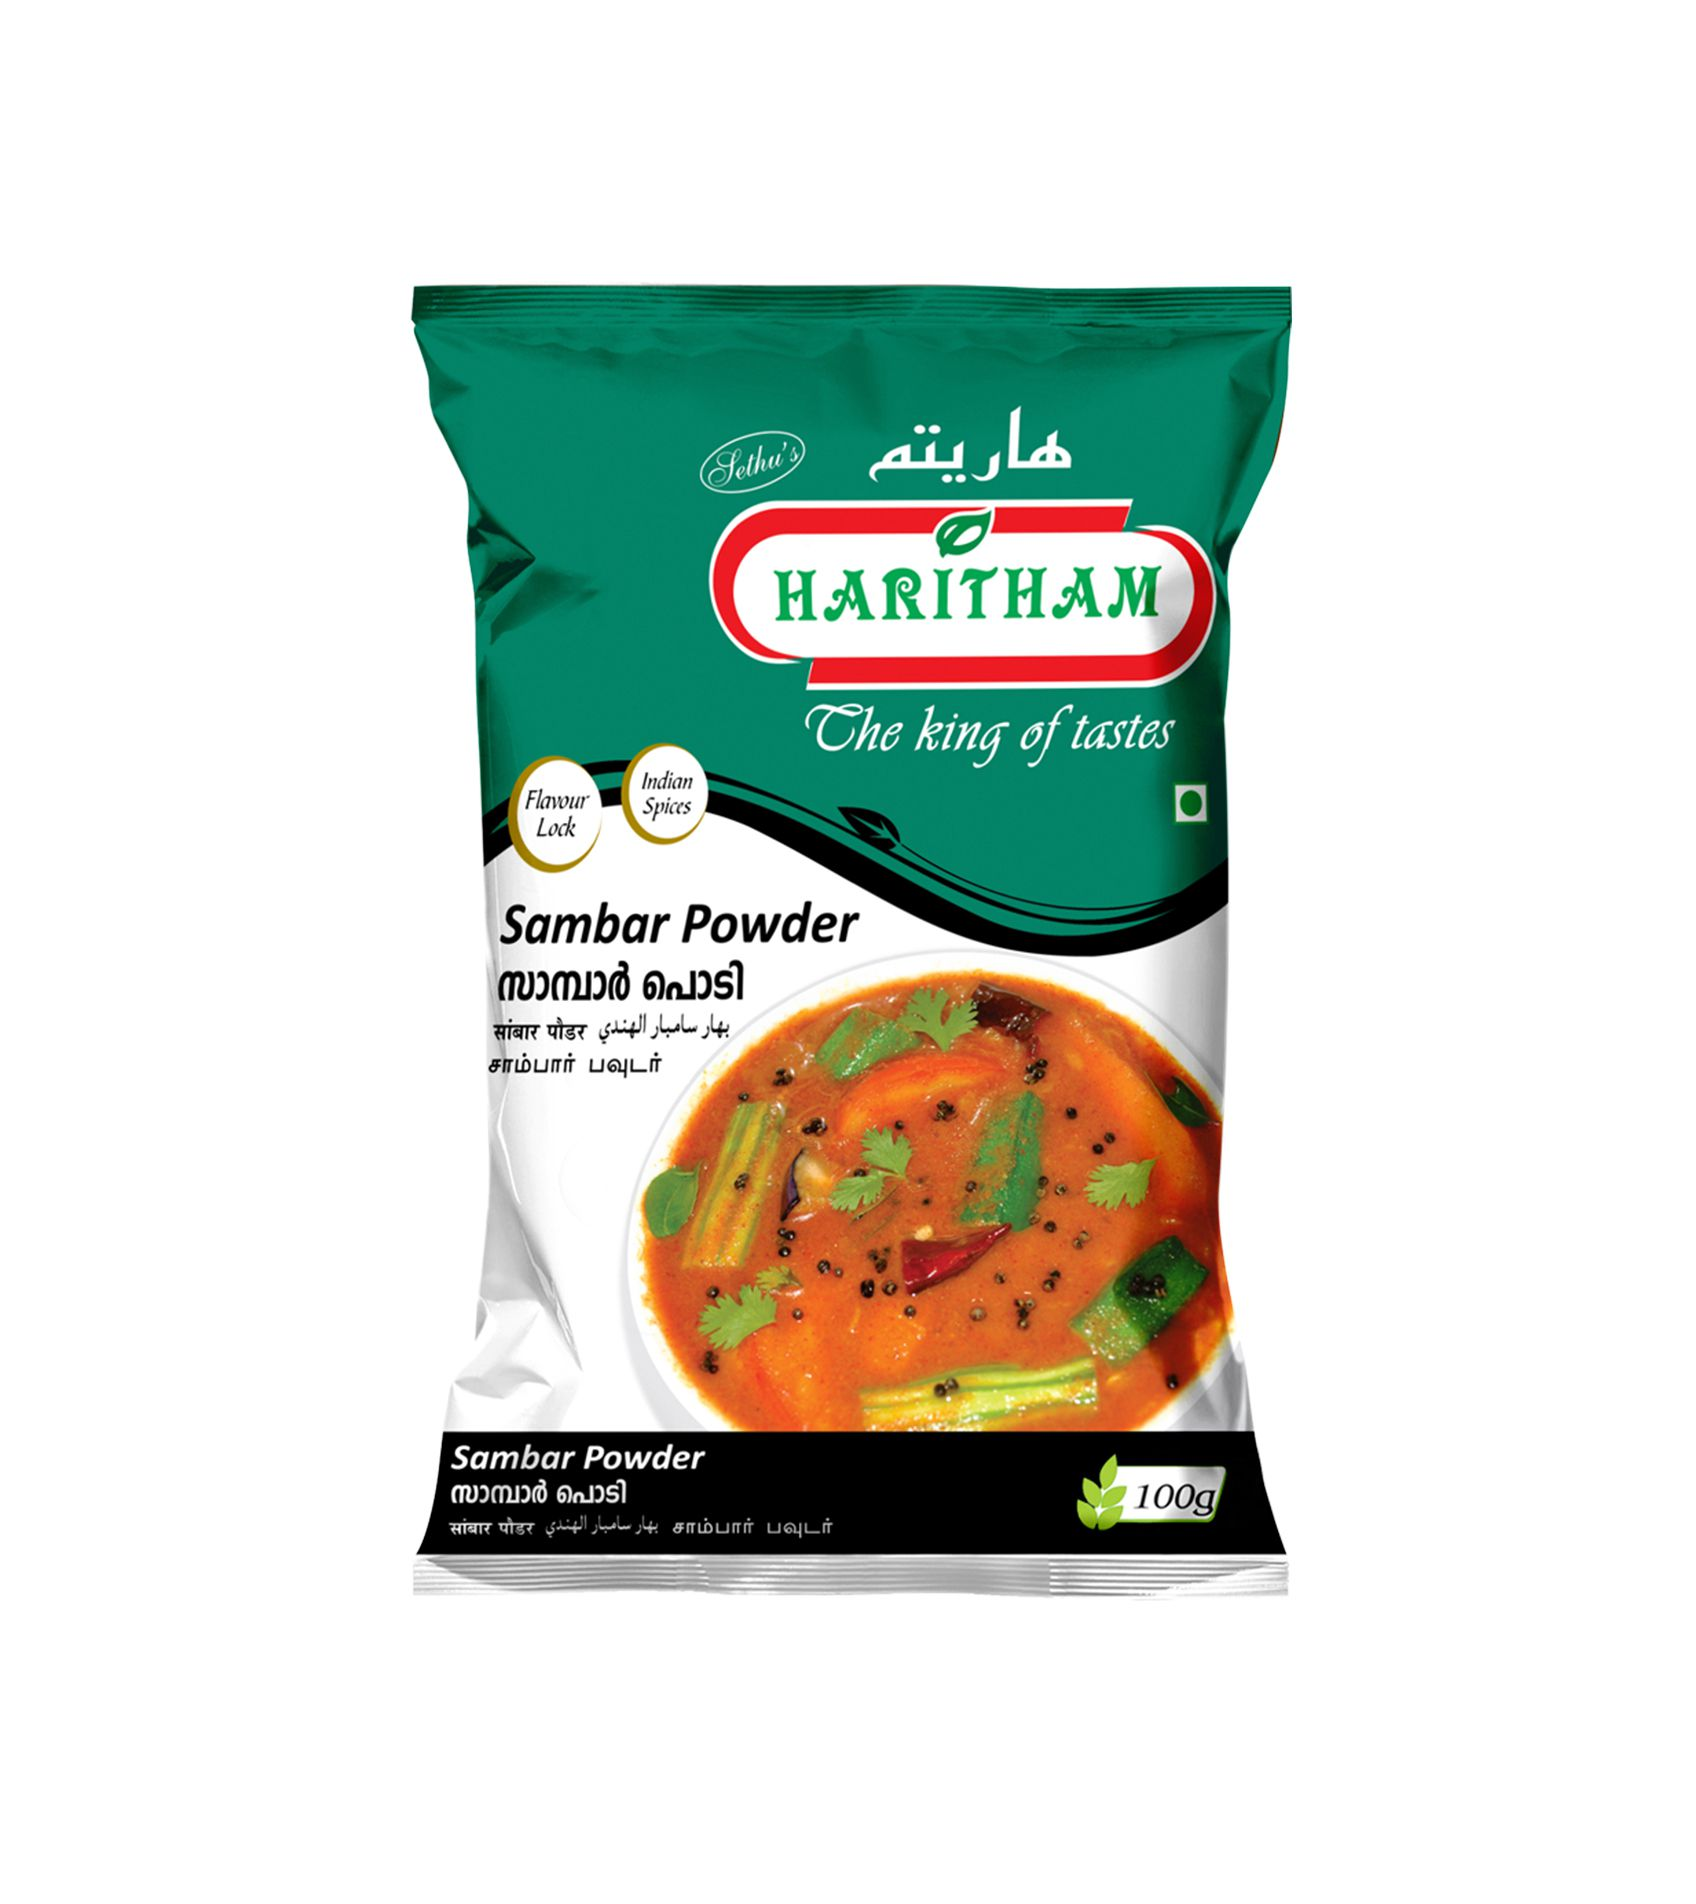 SAMBAR POWDER 100g